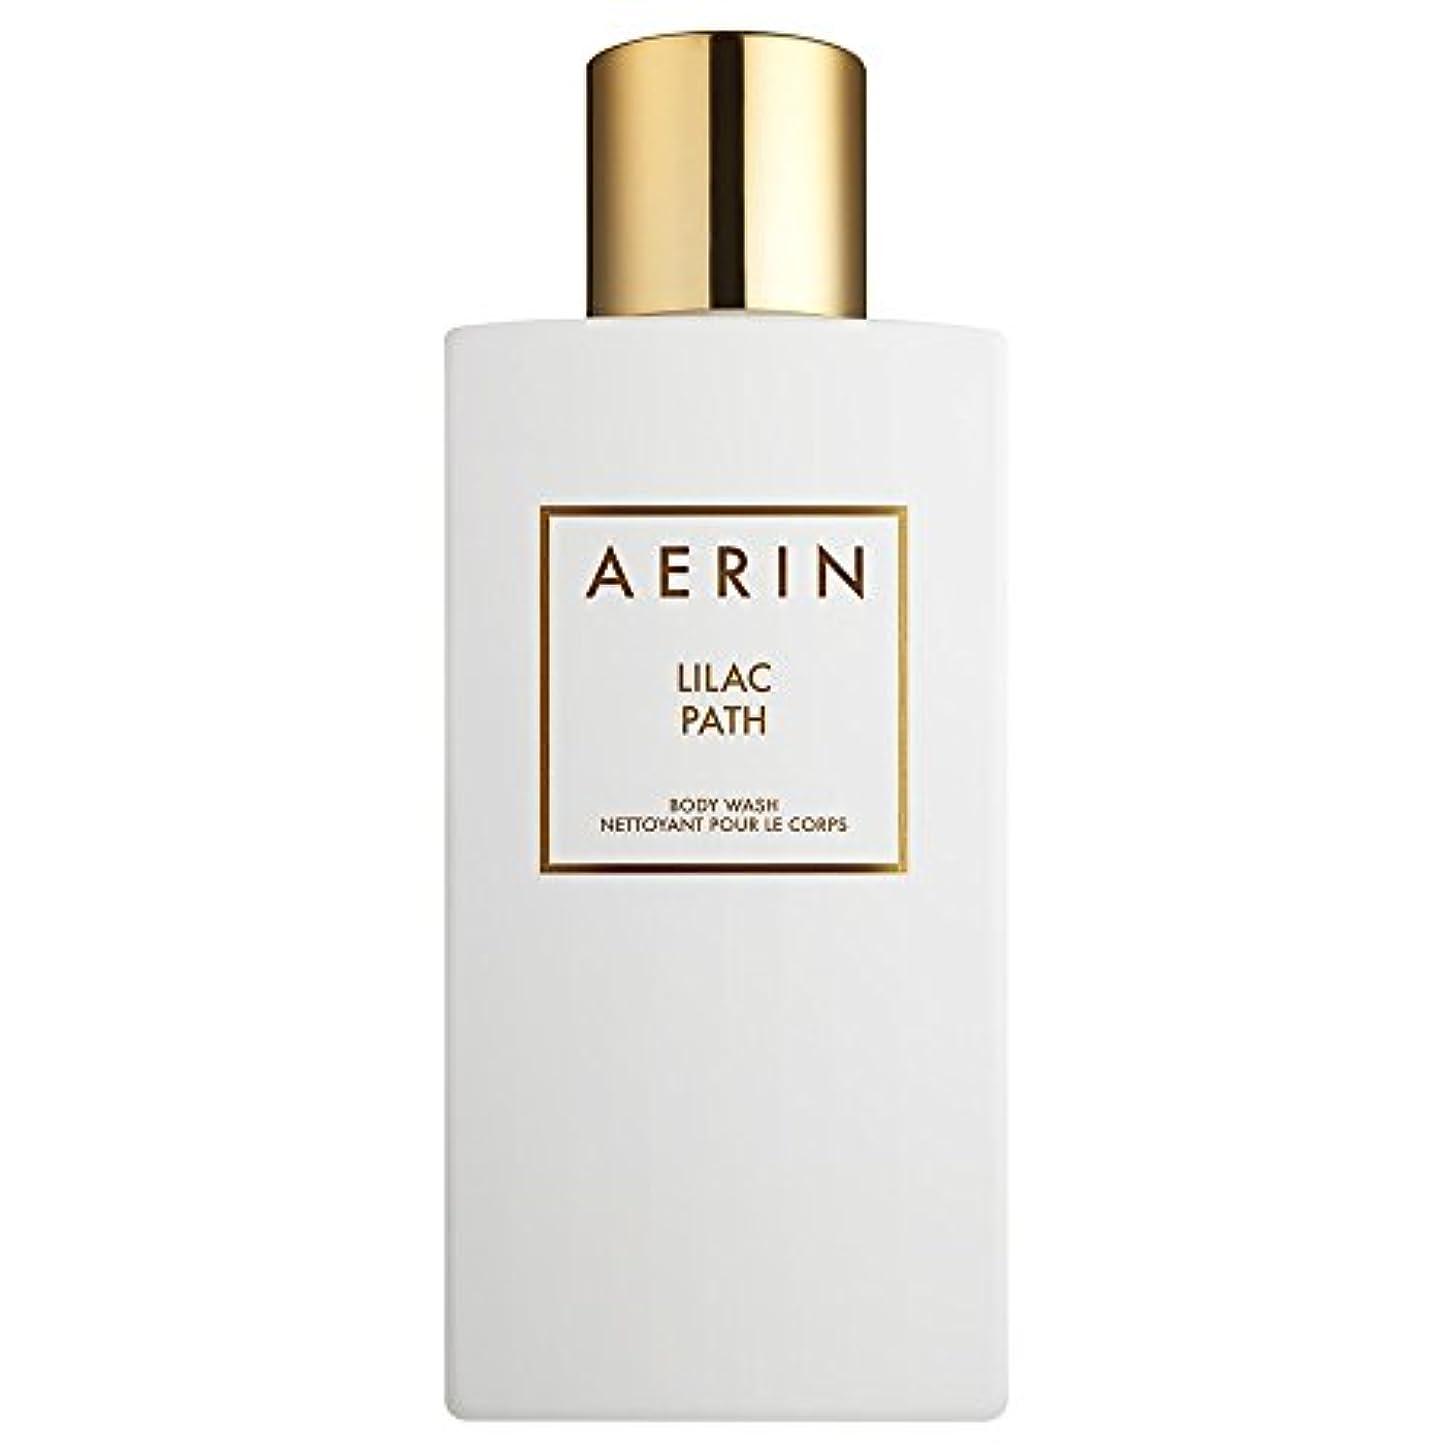 セイはさておき思われる無意識Aerinライラックパスボディウォッシュ225ミリリットル (AERIN) (x6) - AERIN Lilac Path Bodywash 225ml (Pack of 6) [並行輸入品]